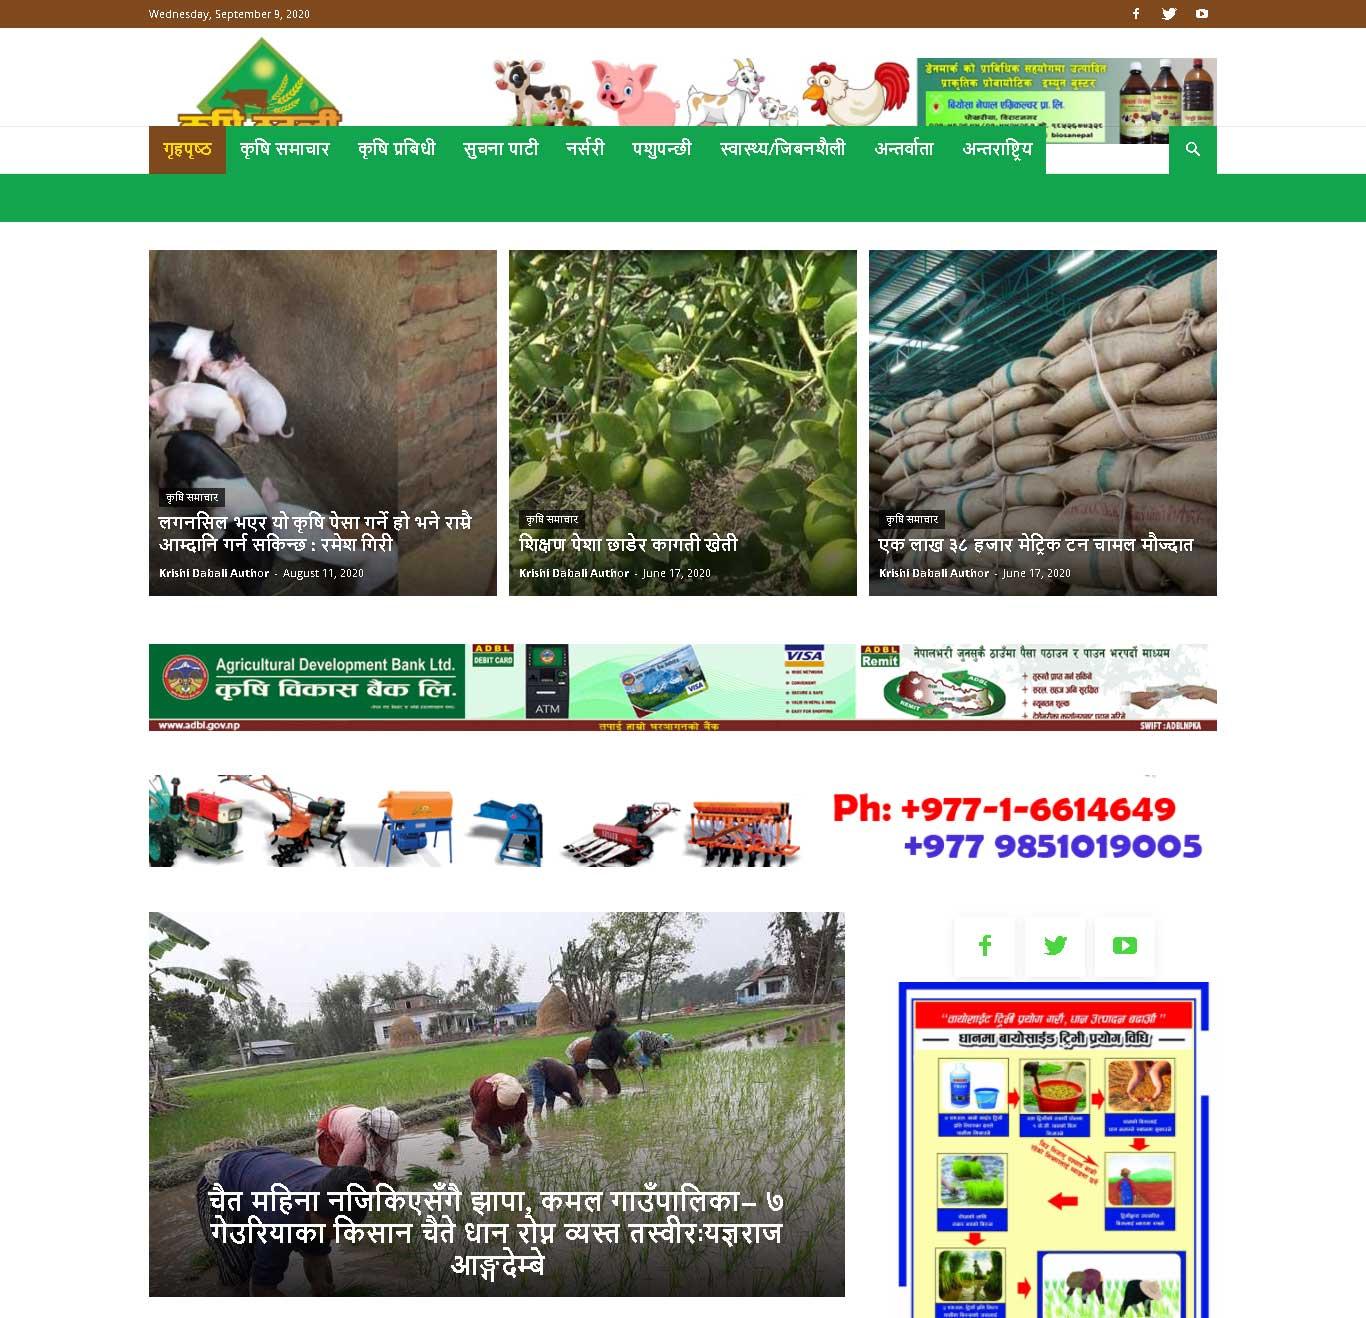 krishidabali.com